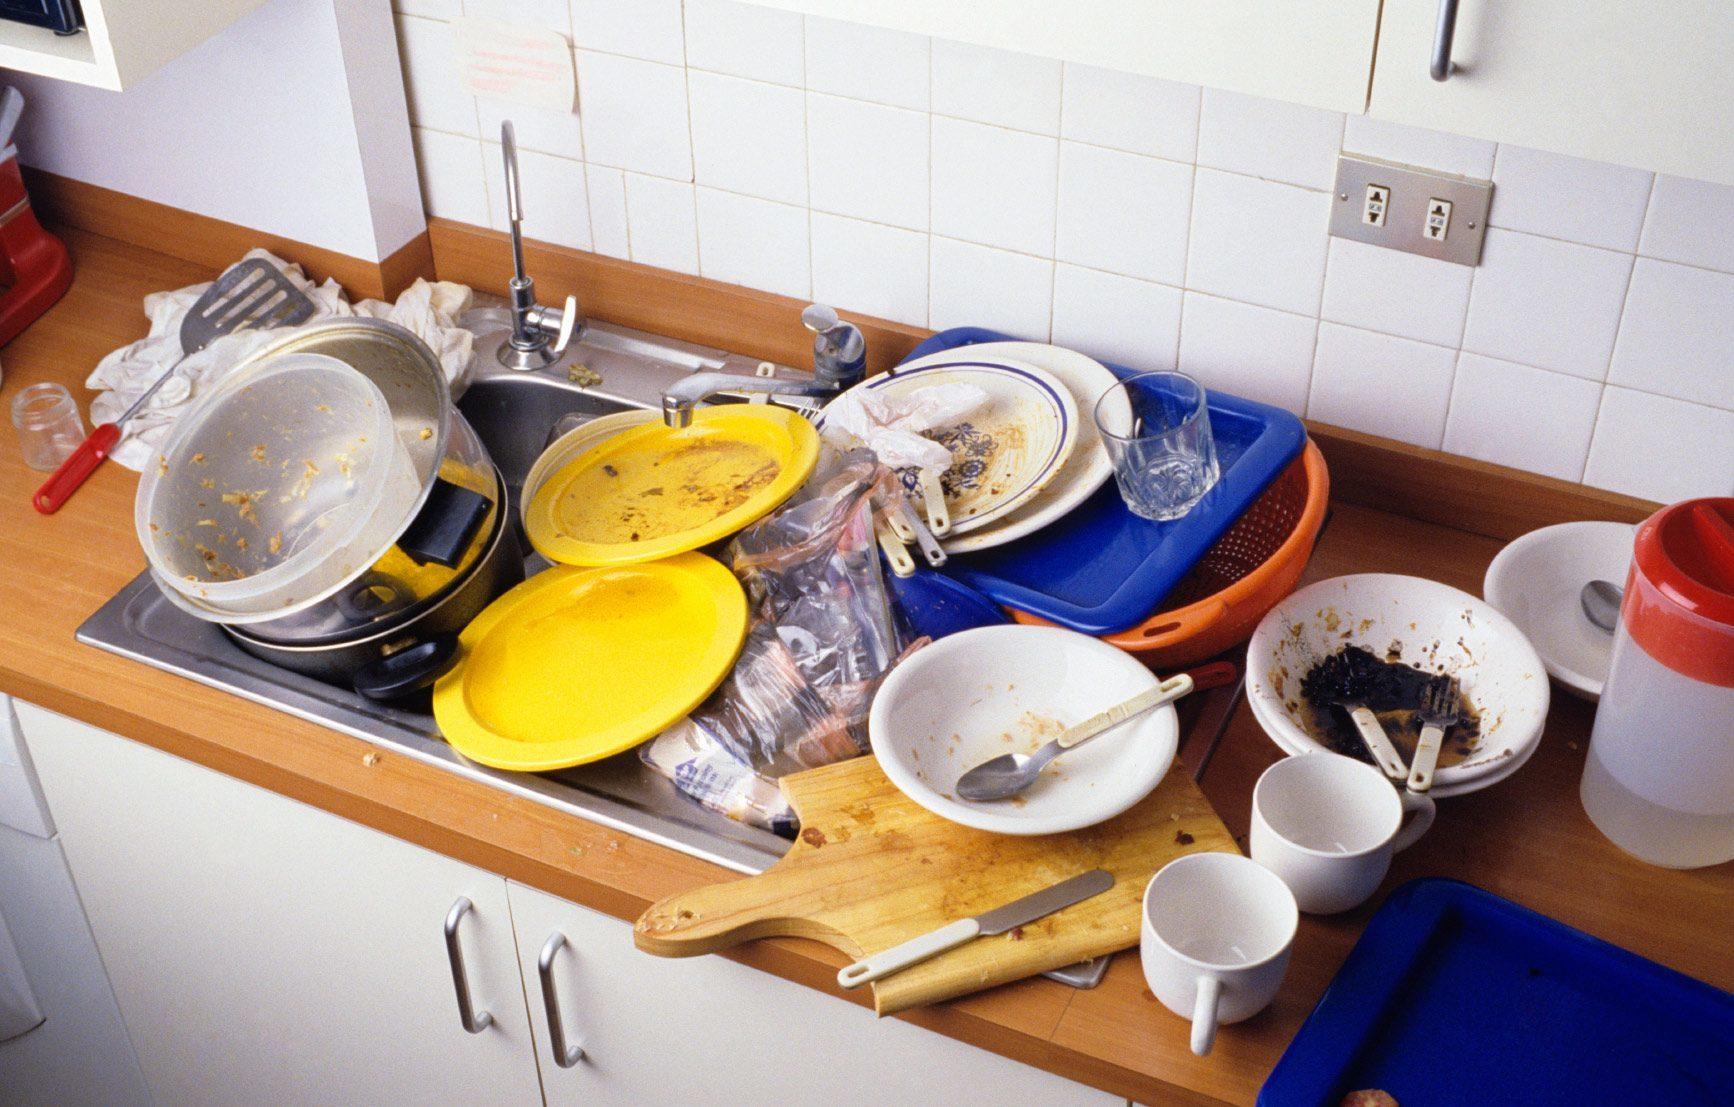 устали стол не мыть картинка красноярском